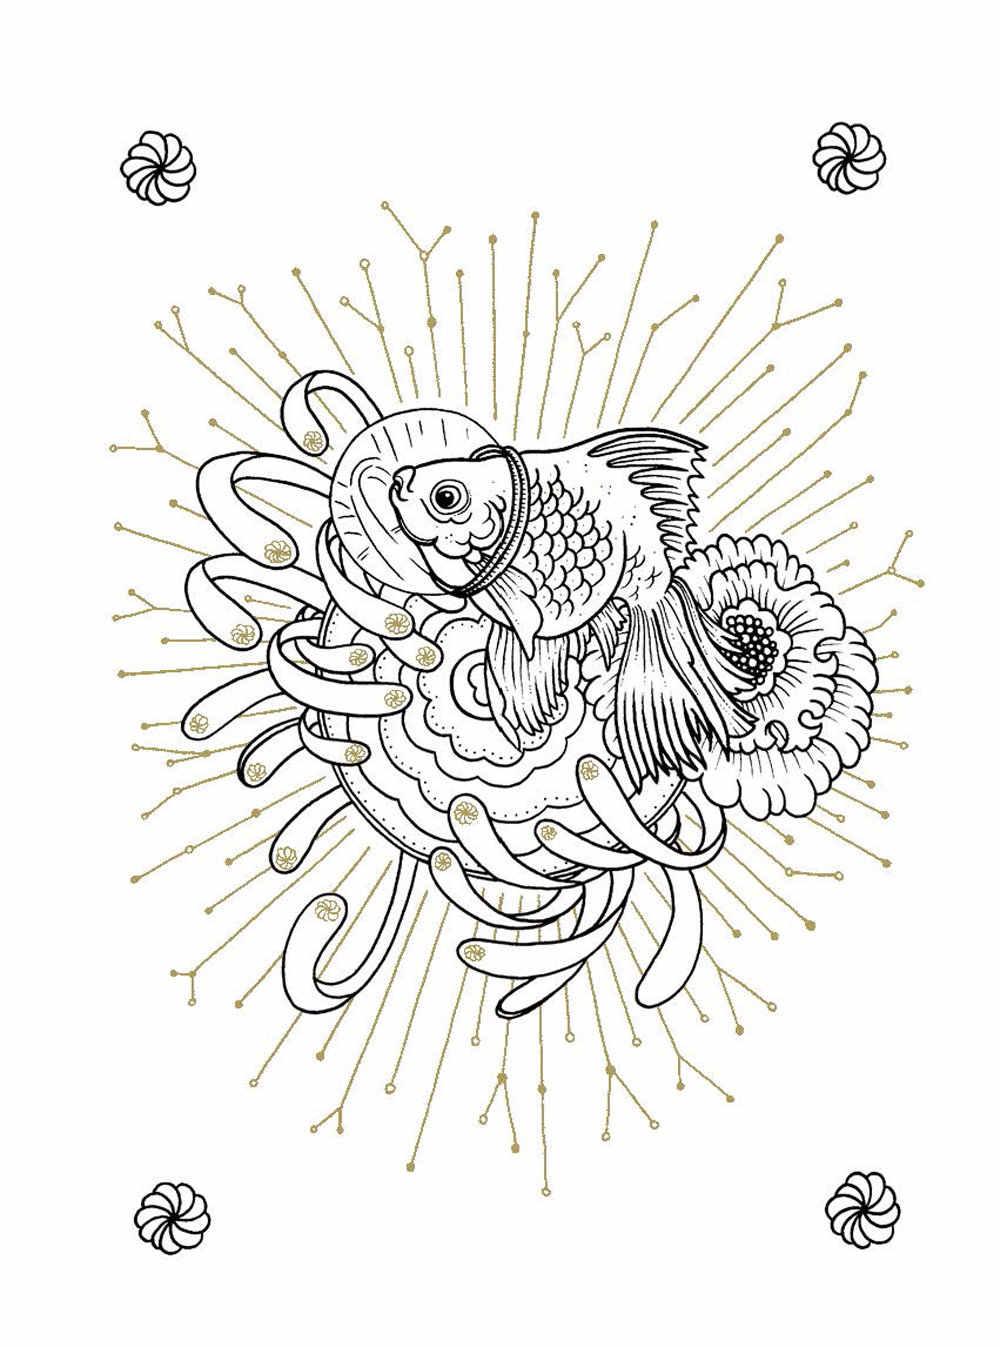 El Libro Para Colorear Tatuajes Para Adultos Alivia El Estrés Matar El Tiempo Pintura Dibujo Antiestrés Libros Para Colorear Libro Colorear Adultos